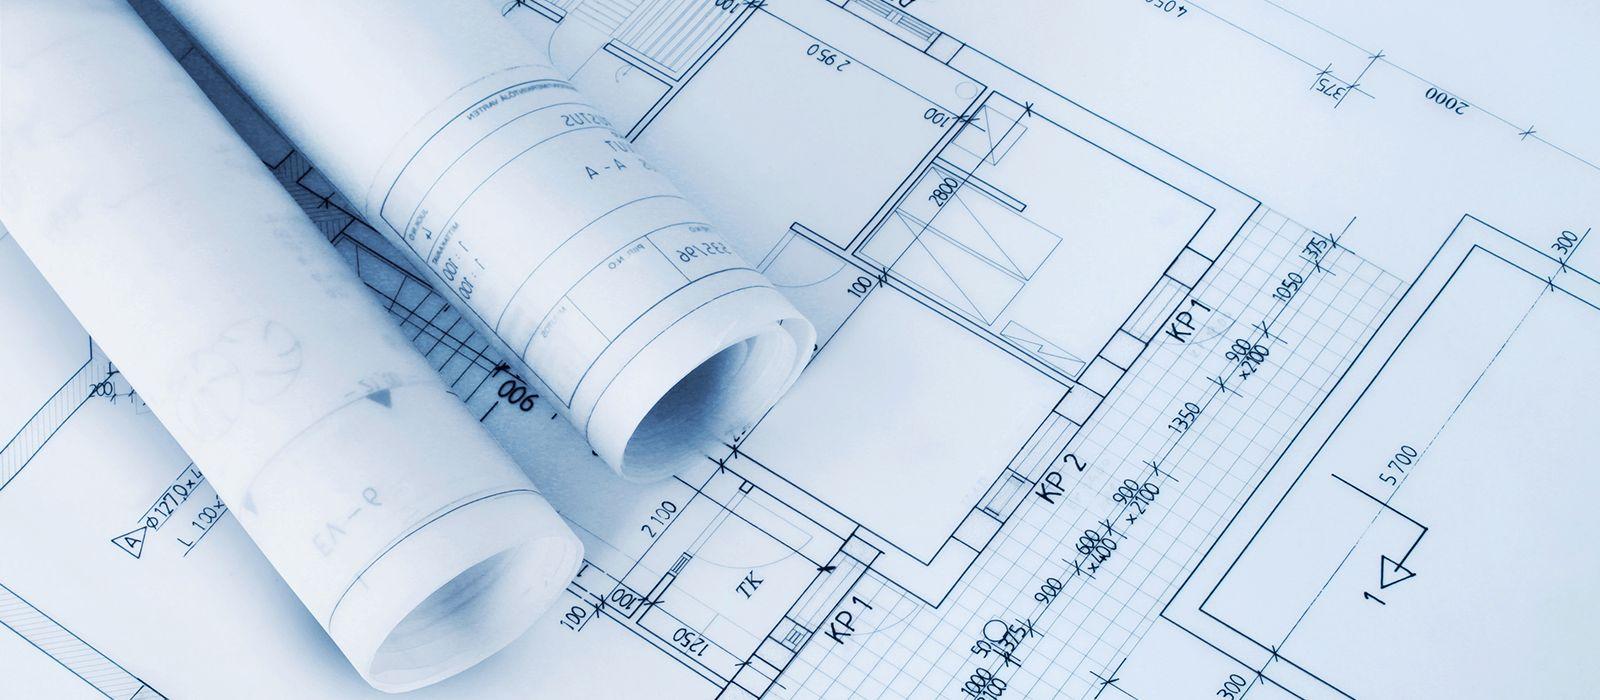 firma de proiectare-zalau flex instal banner